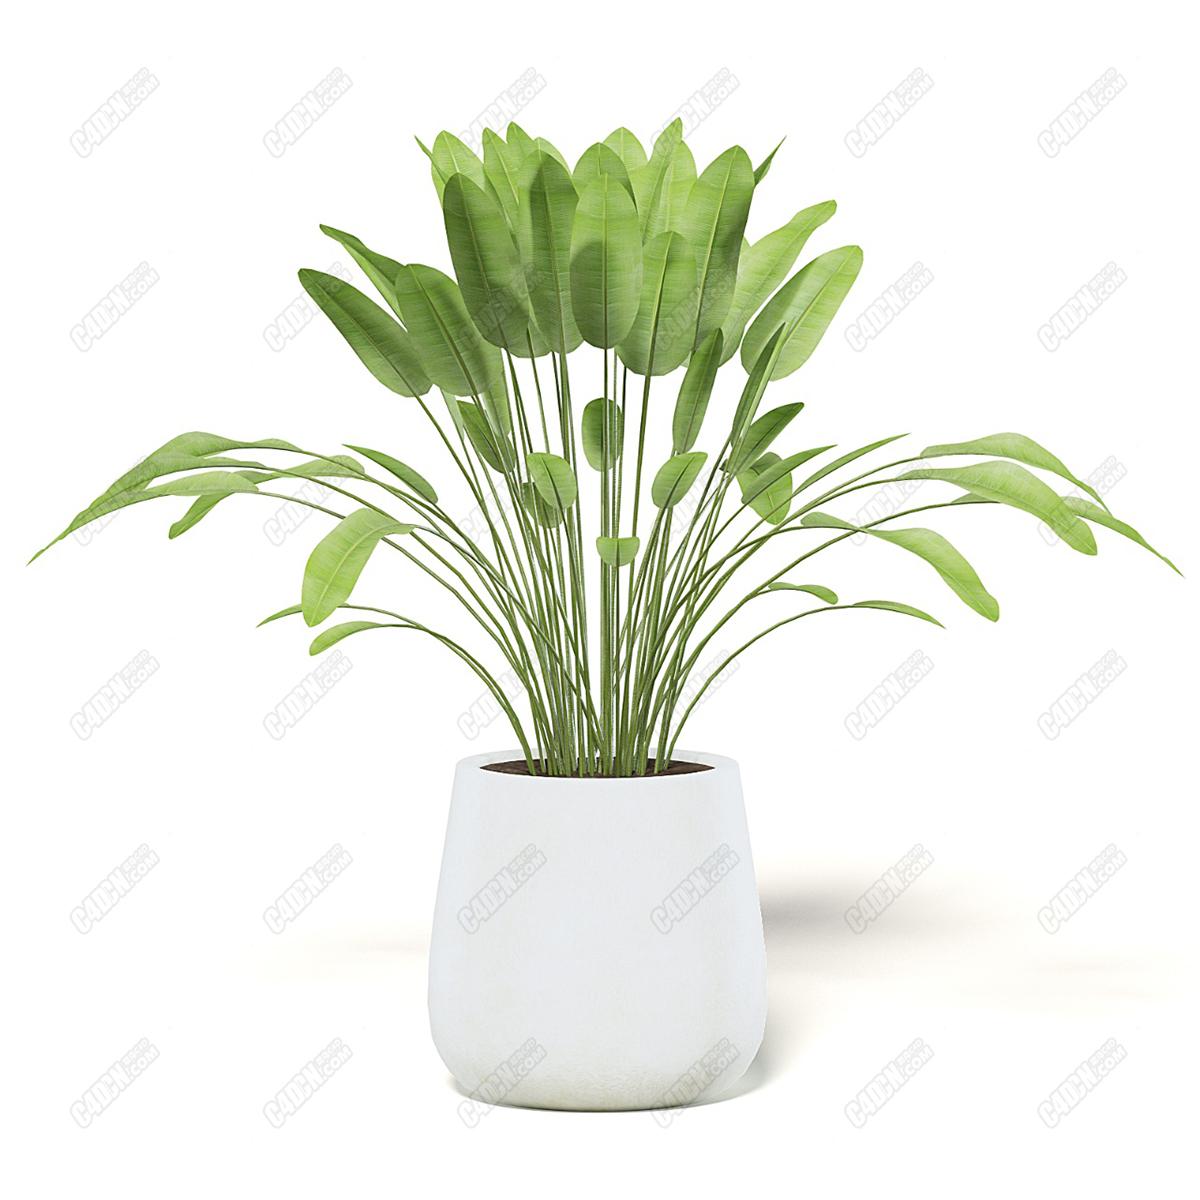 C4D客厅阳台观赏植物净化空气盆栽模型